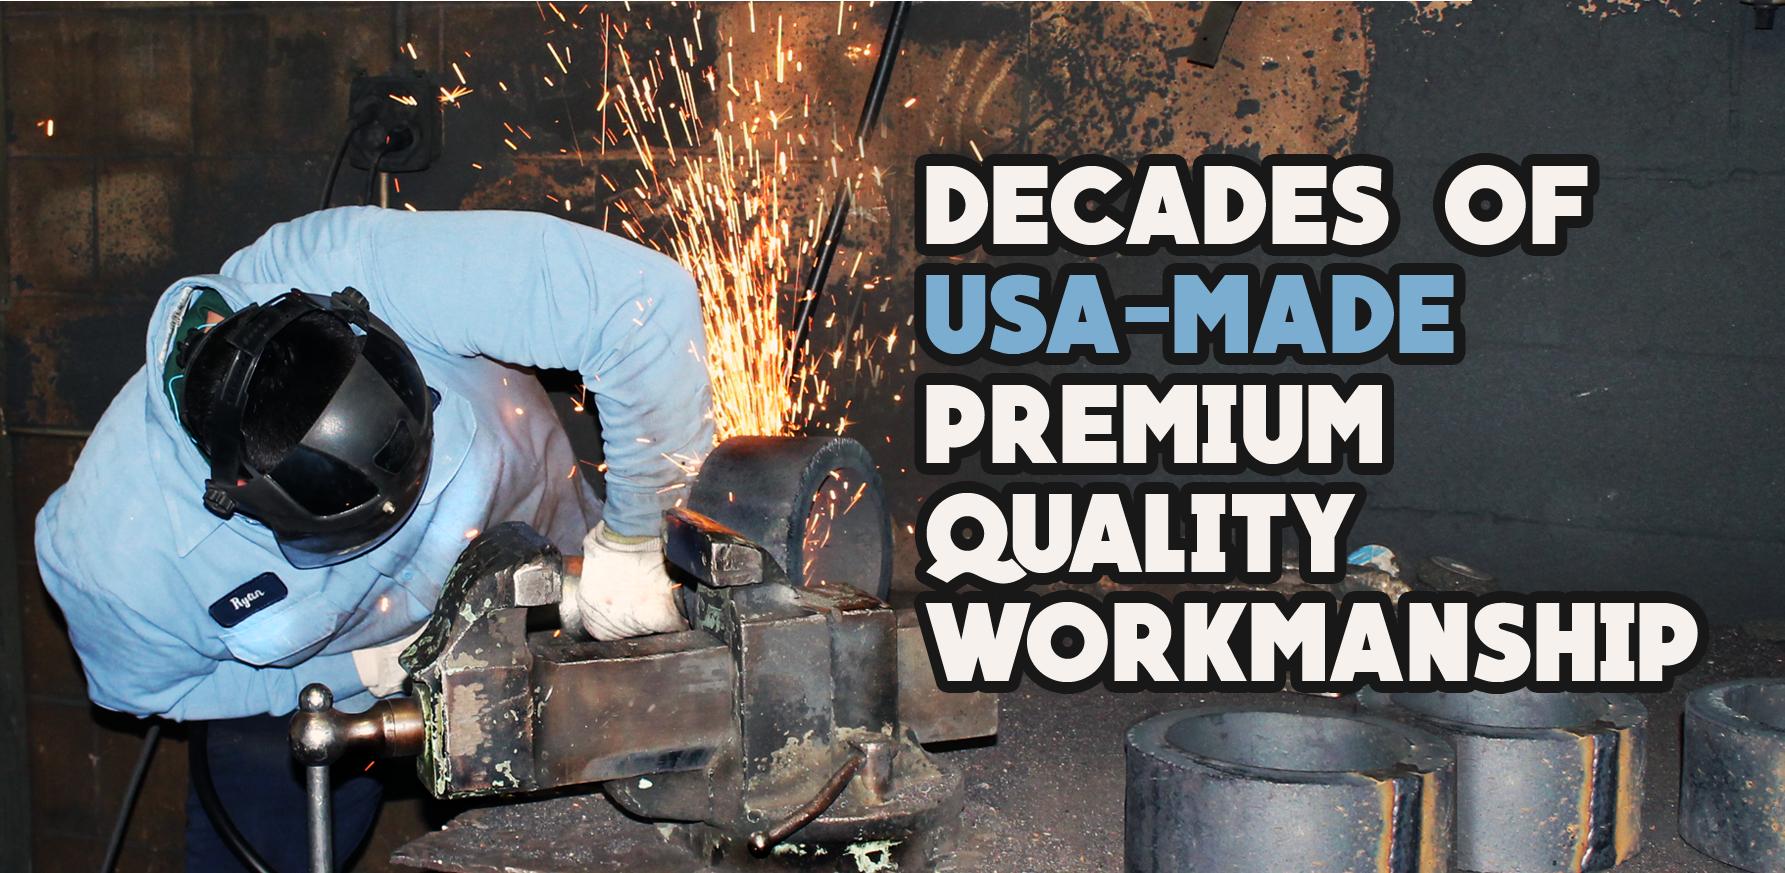 Decades of USA-Made Premium Quality Workmanship